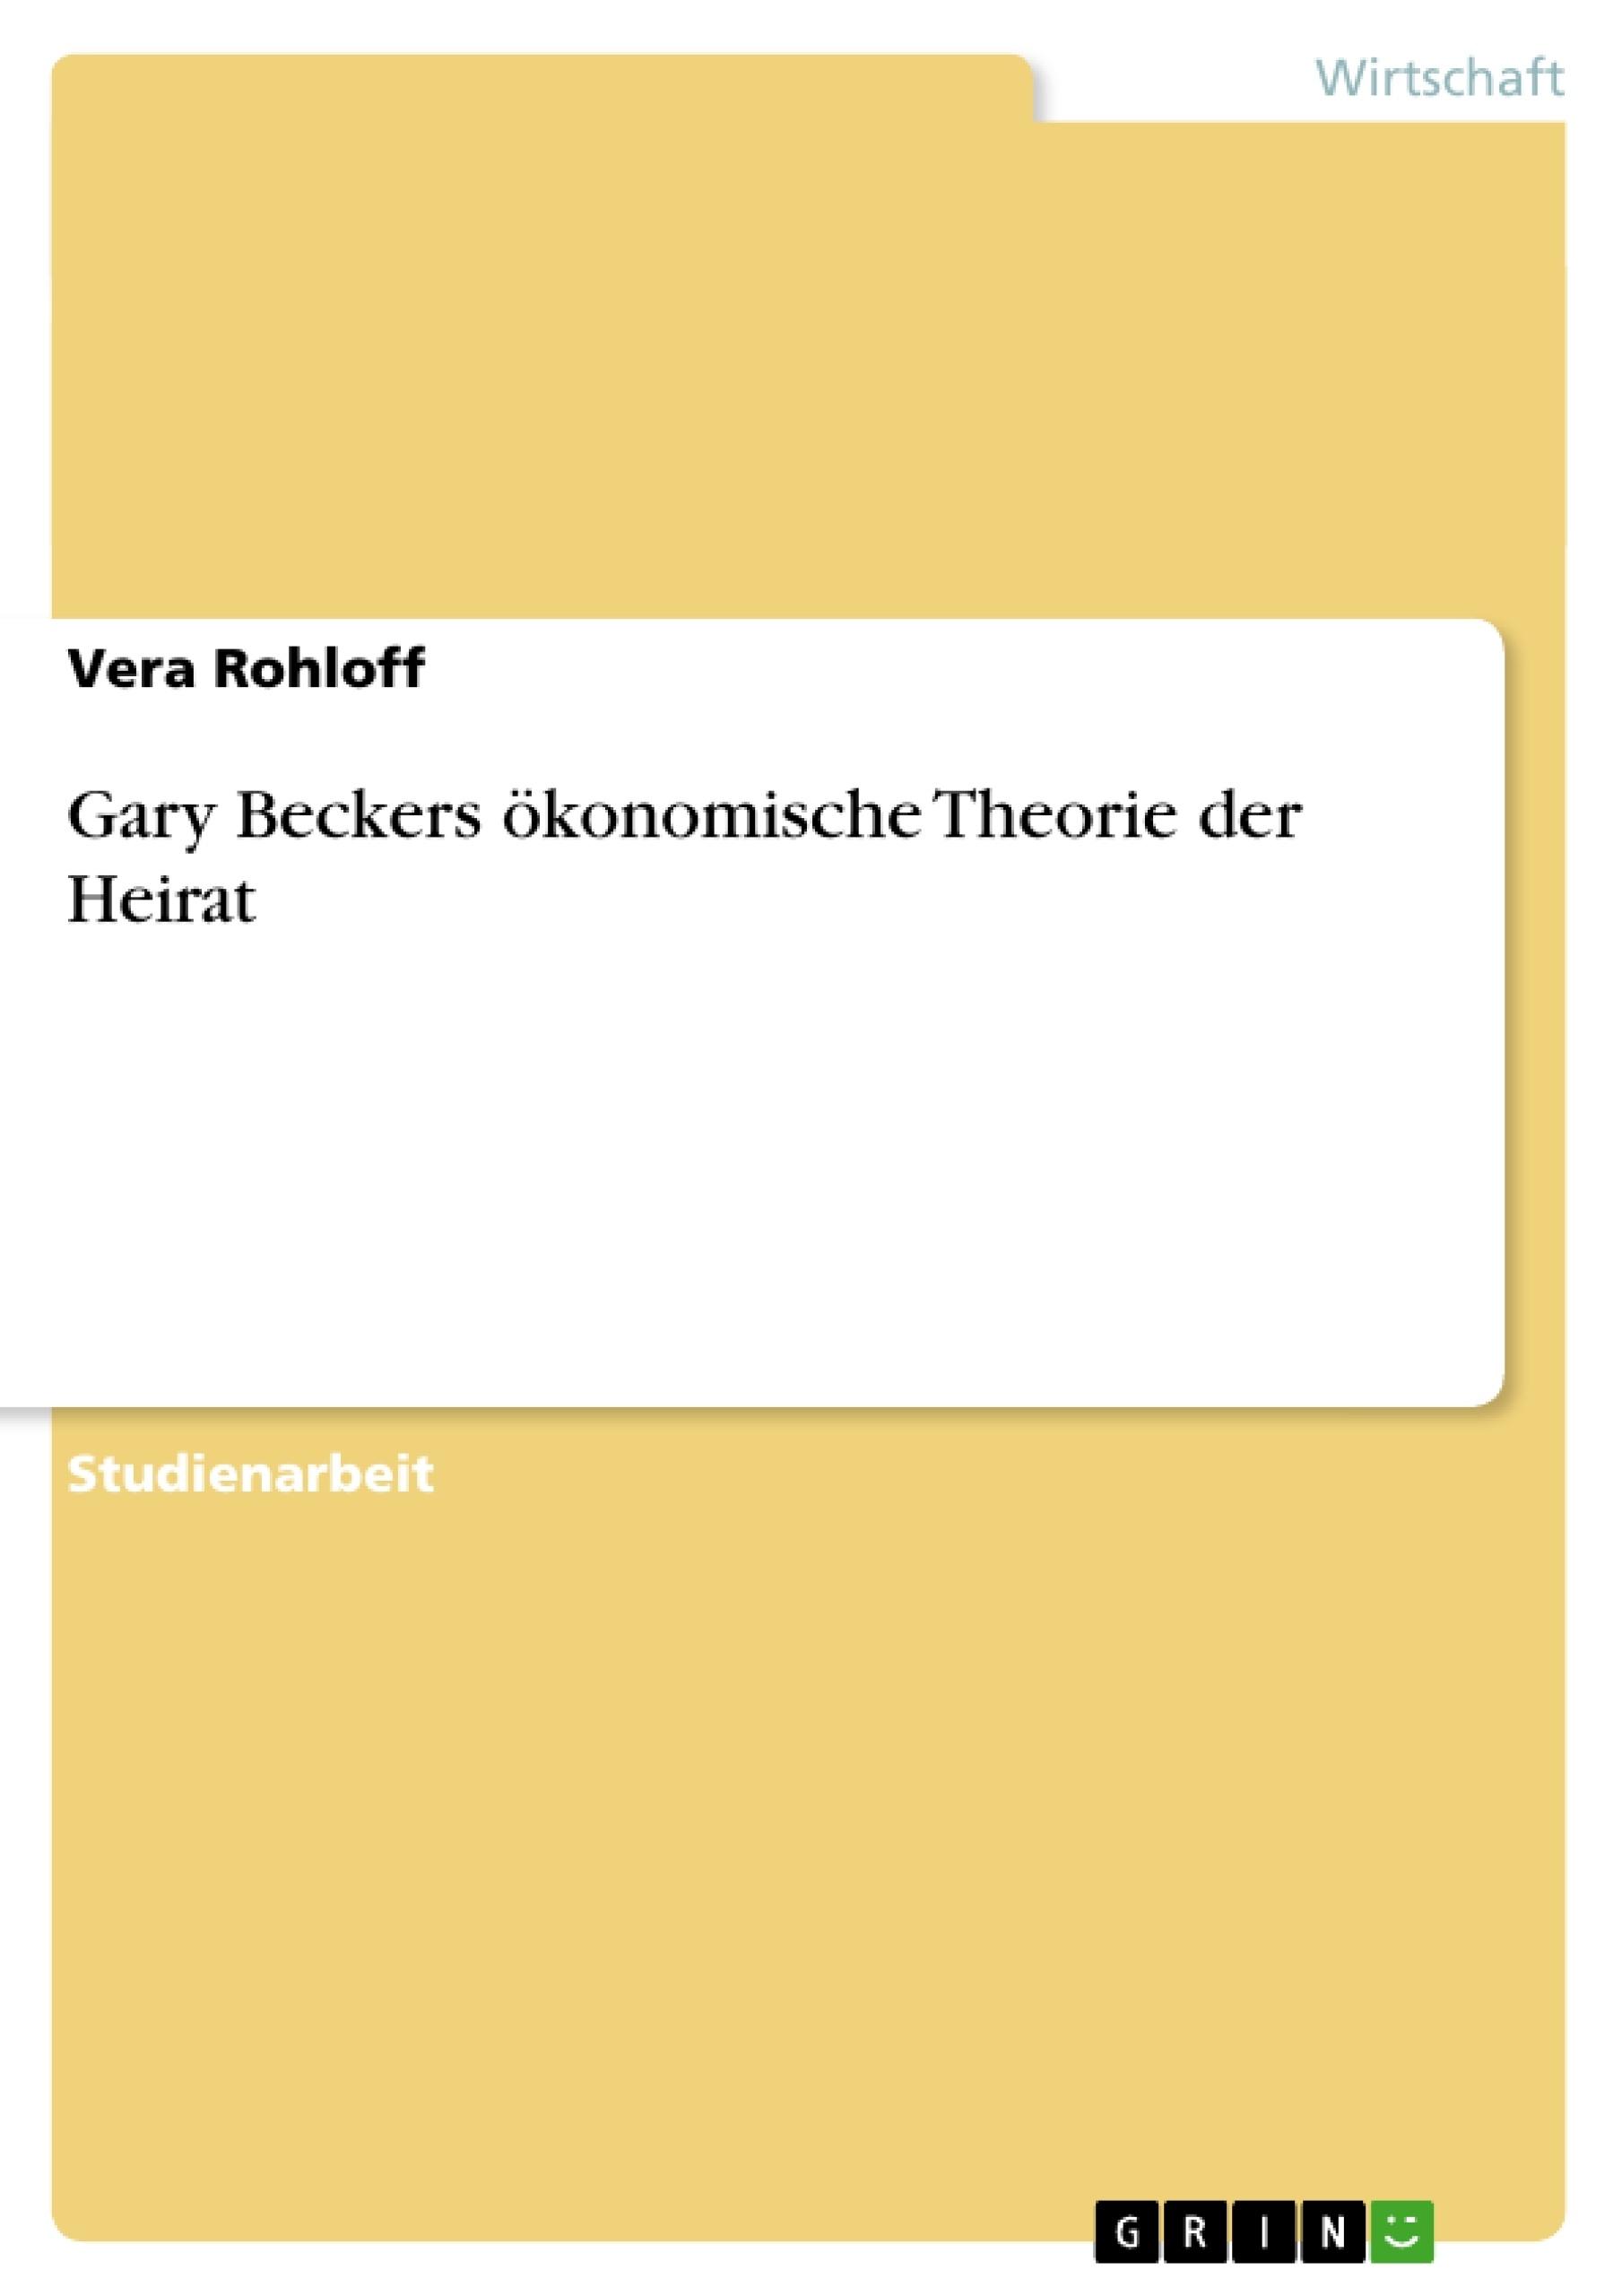 Titel: Gary Beckers ökonomische Theorie der Heirat